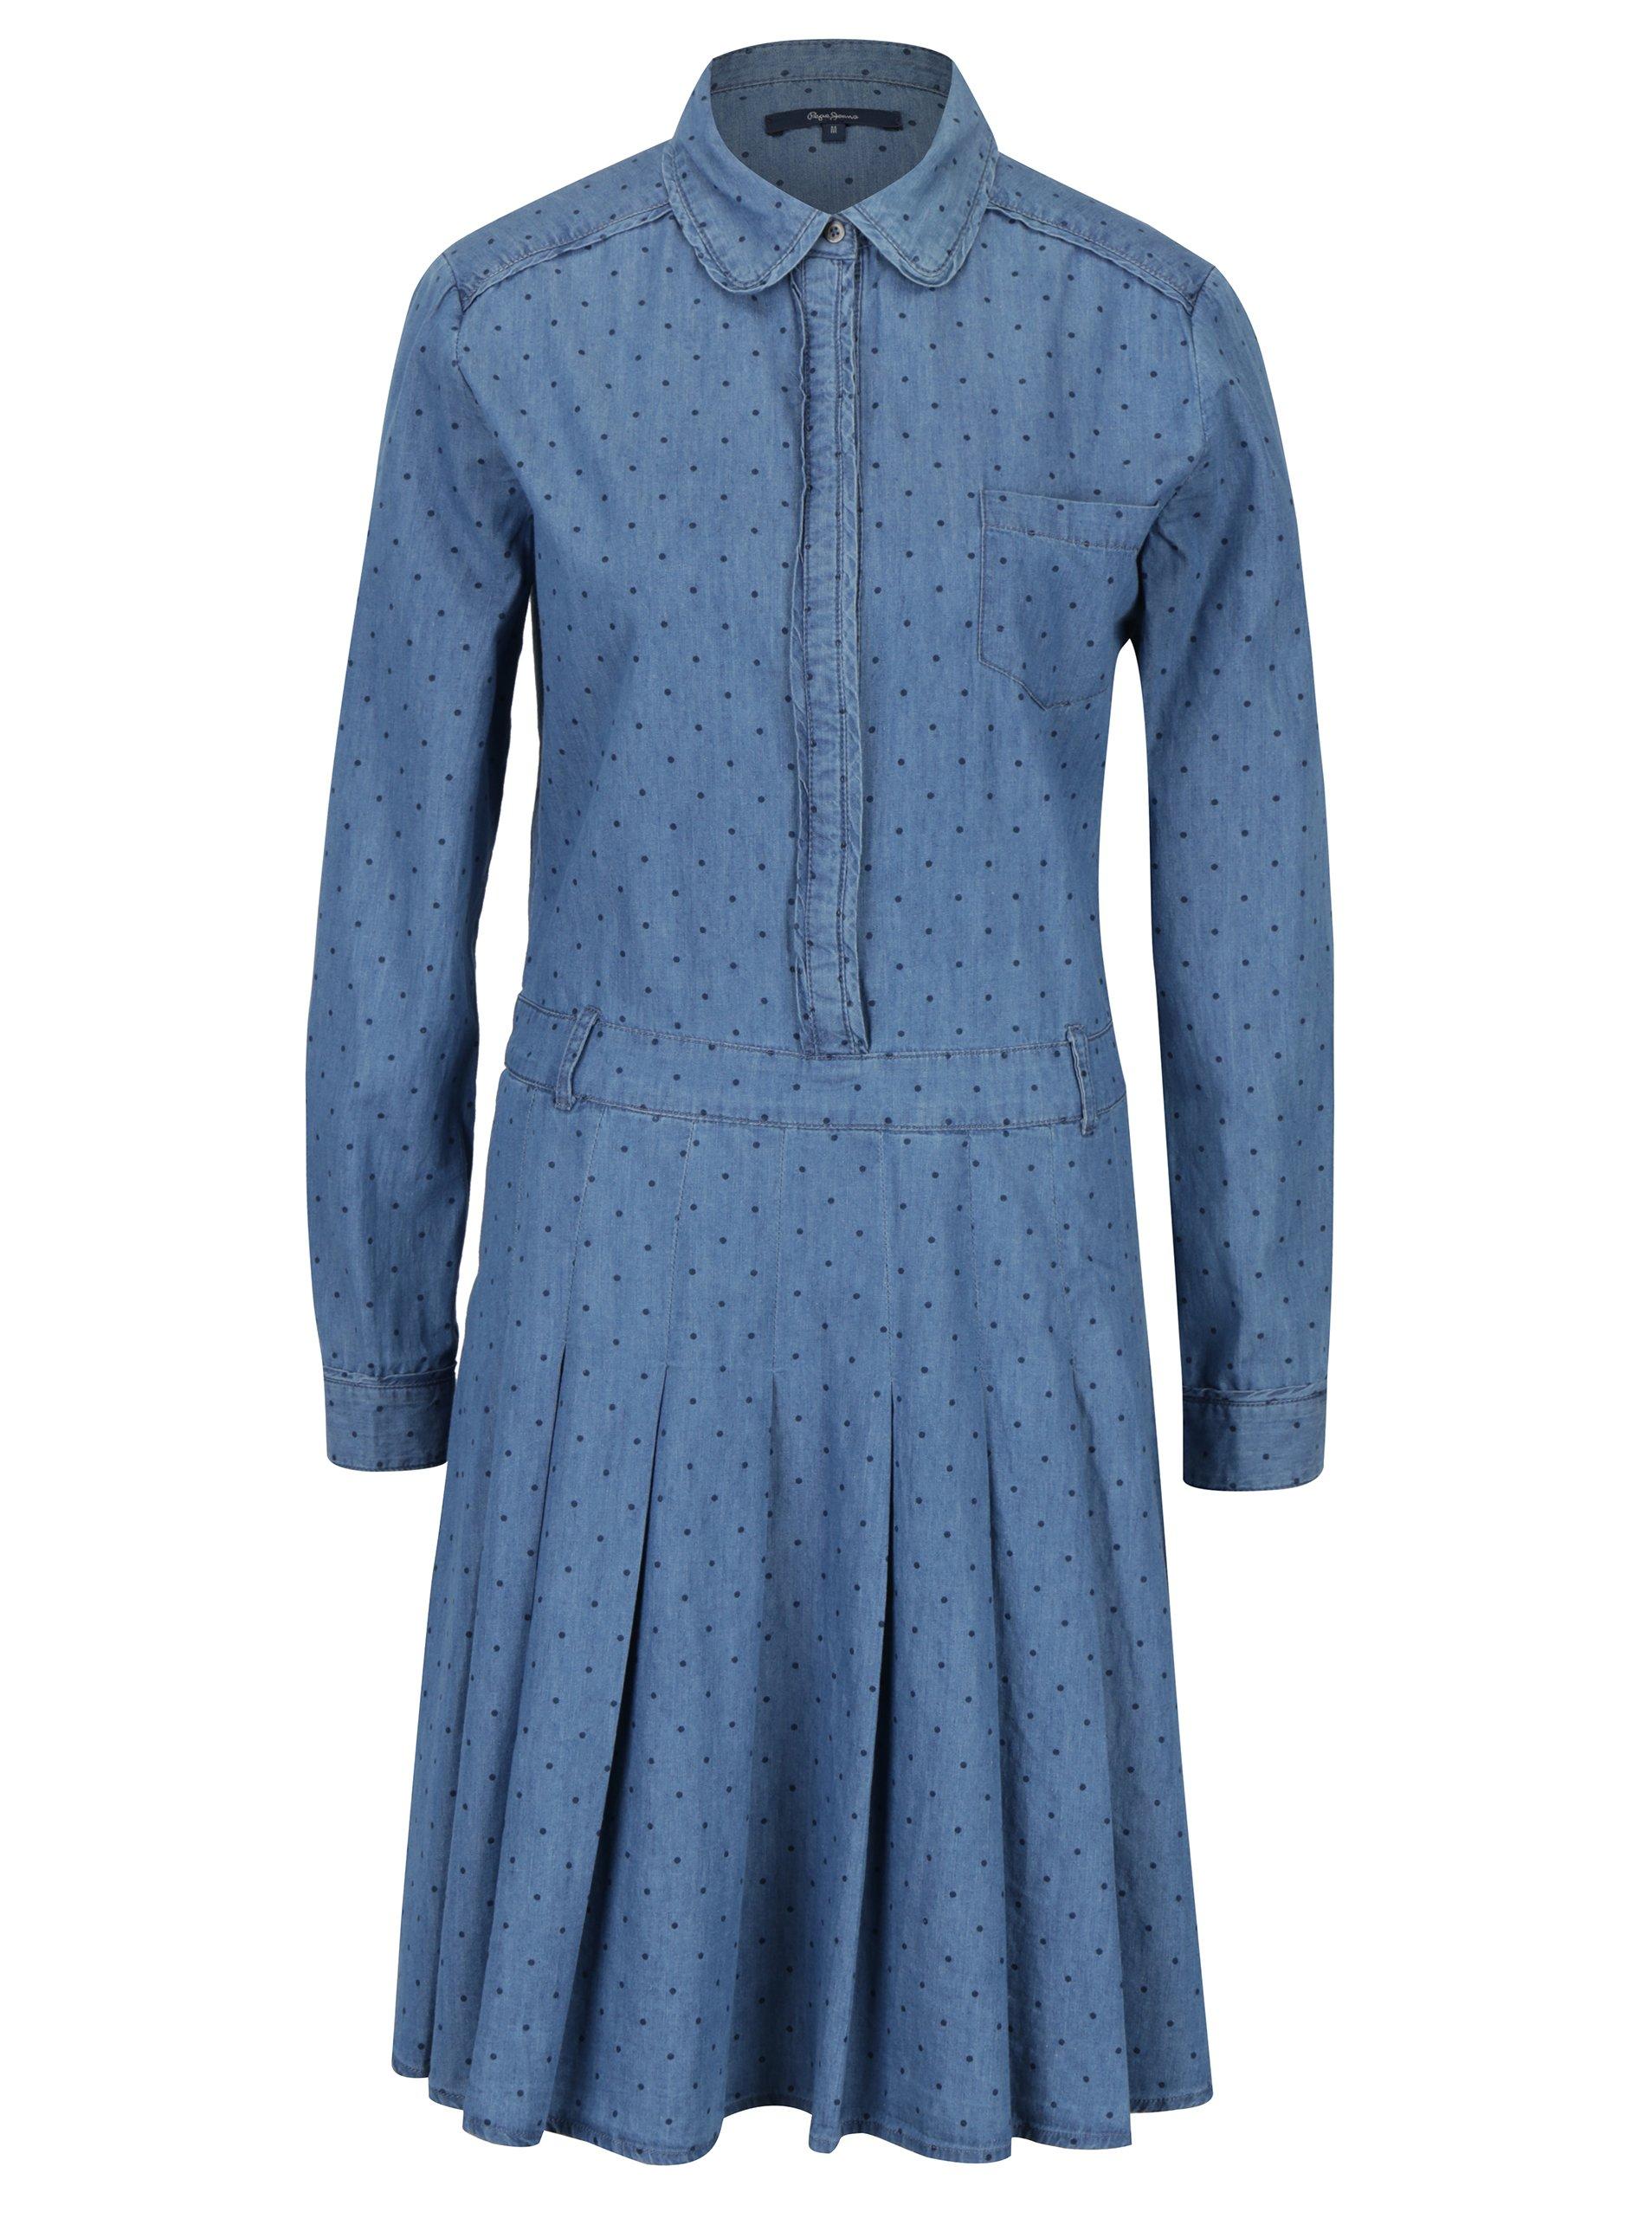 a869f28c4c3a Modré puntíkované džínové košilové šaty Pepe Jeans Tasia ŽENY   Šaty   šaty  na denní nošení